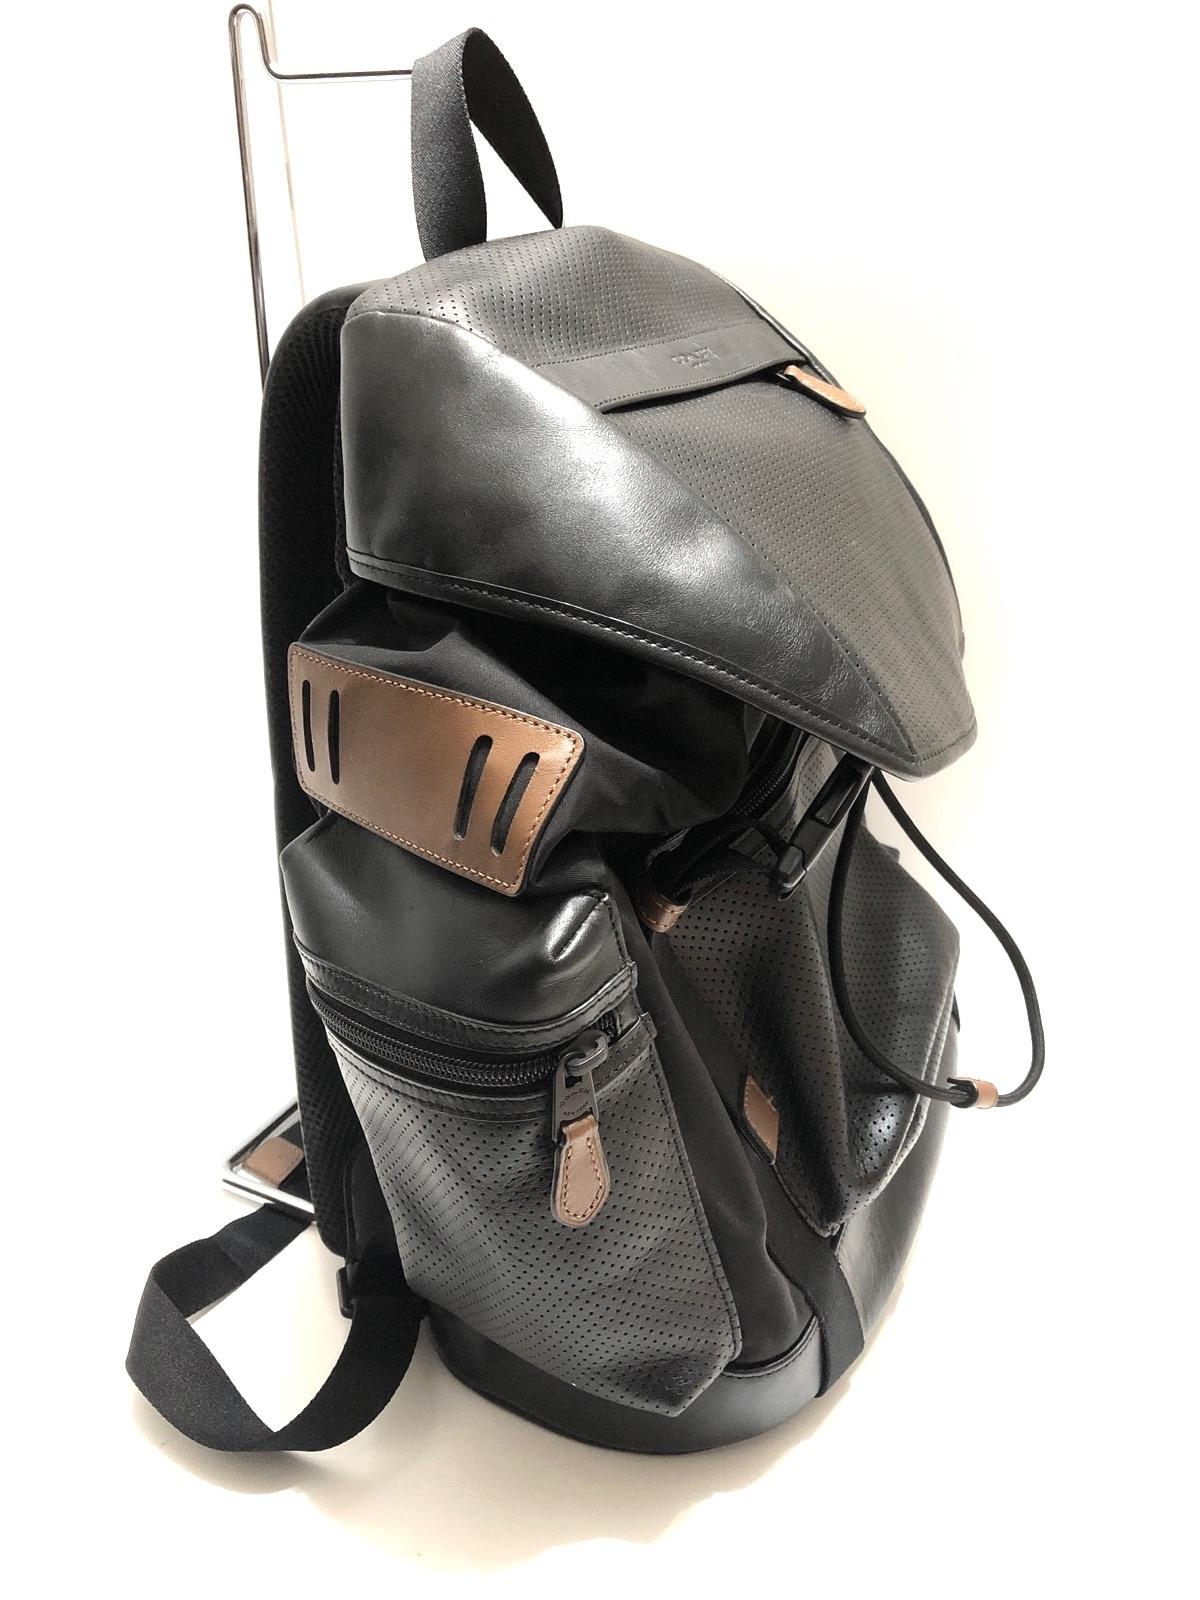 0505e300b729 COACH(コーチ) リュックサック美品 F54777 黒×ブラウン レザー(13119629 ...